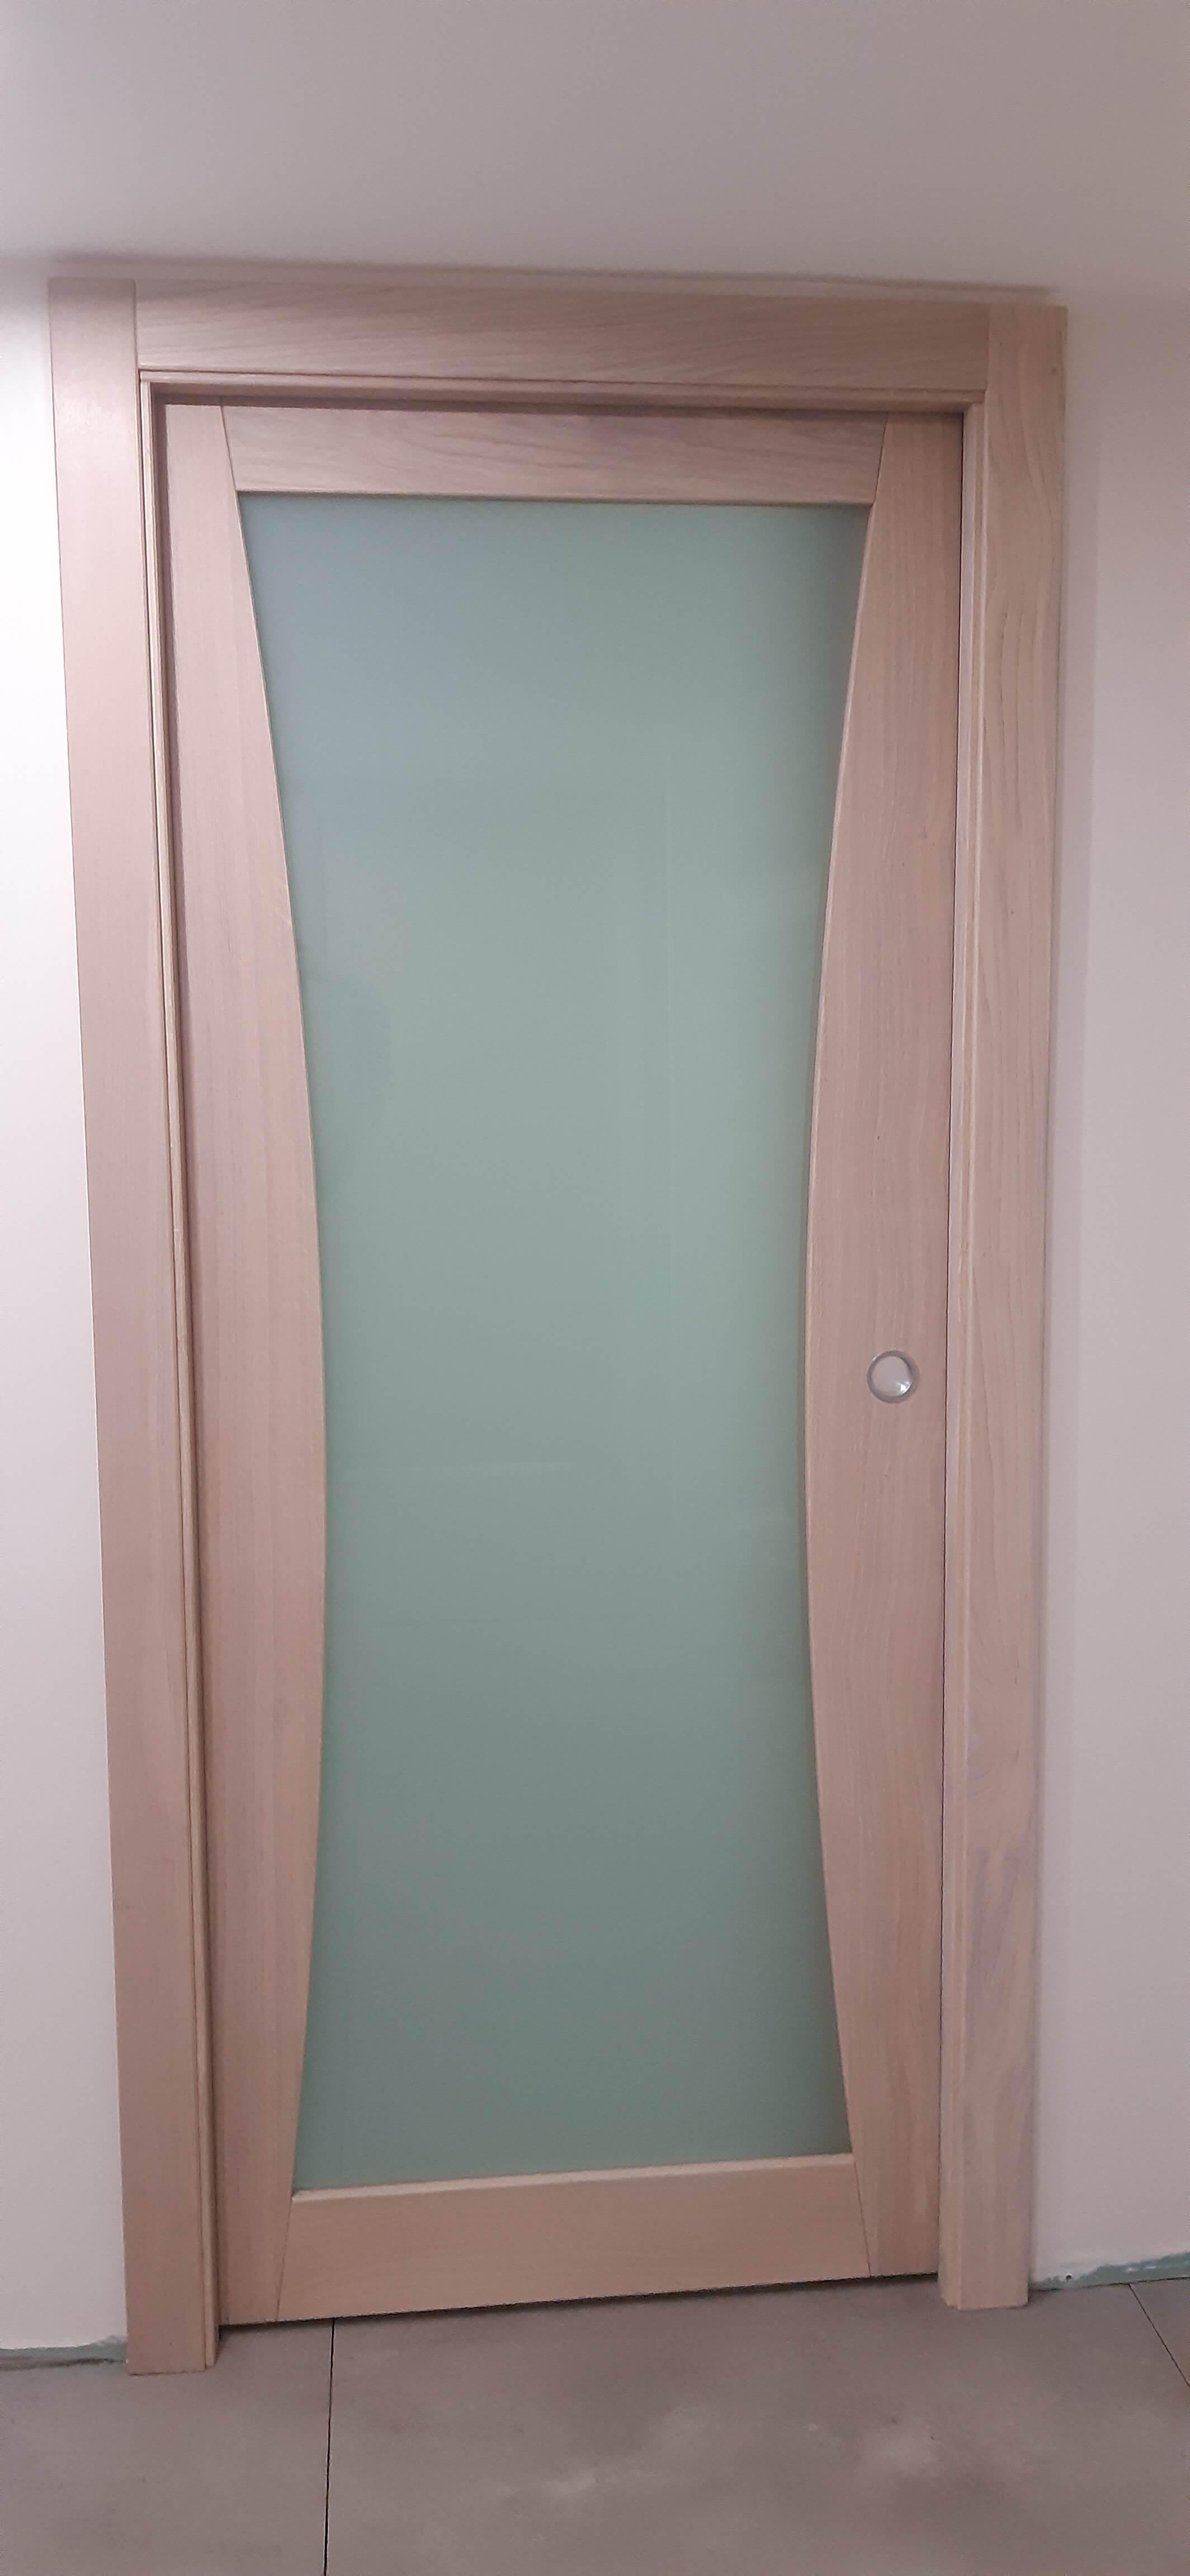 Menuiserie Figard - Fabrication sur mesure - Porte d'intérieure vitrée opale - Chêne - Vesoul